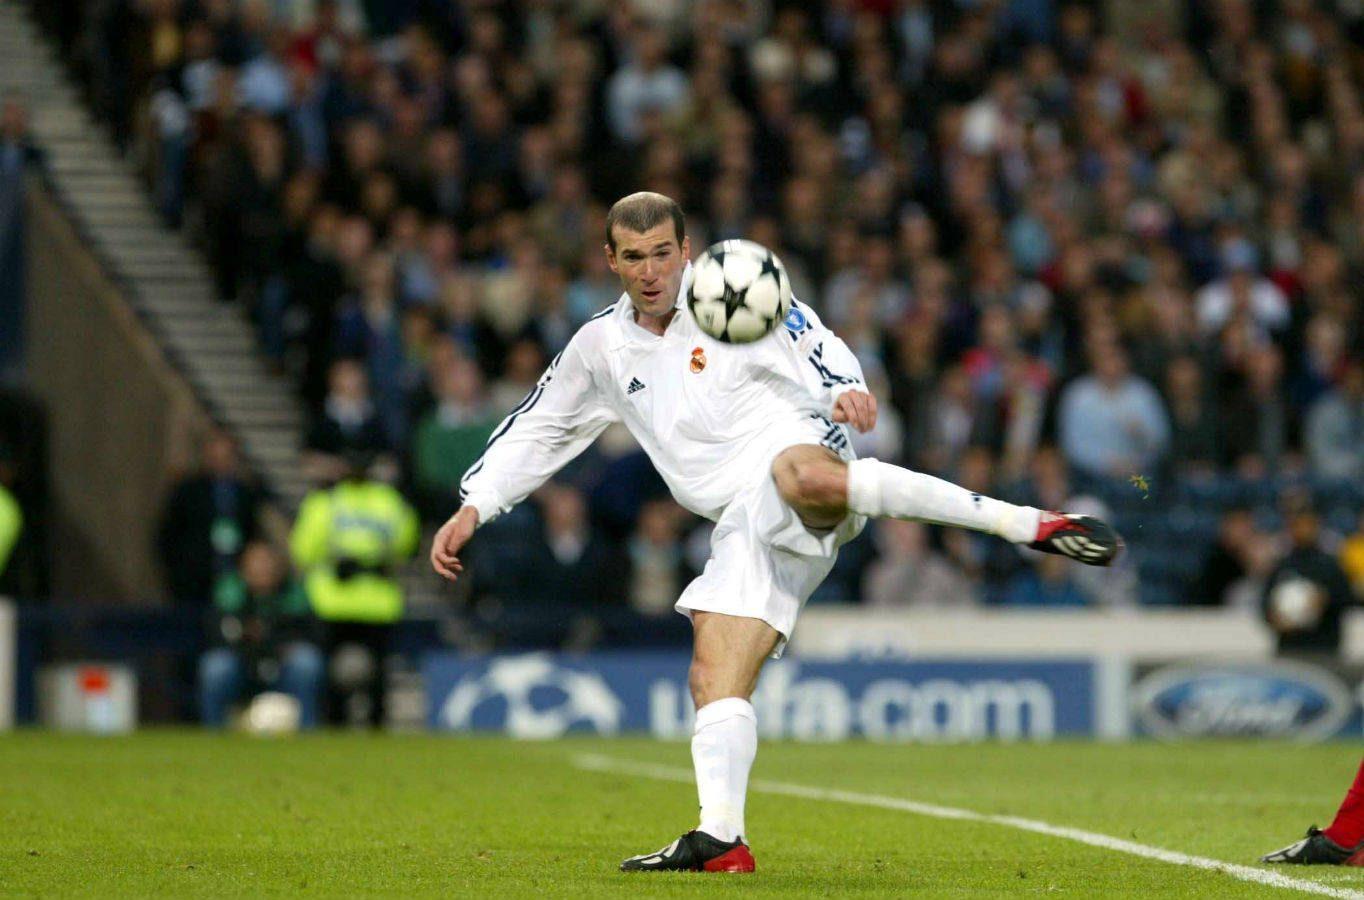 Golul splendid al lui Zinedine Zidane din finala Cupei Campionilor cu Bayer Leverkusen. Sursă foto: goal.com